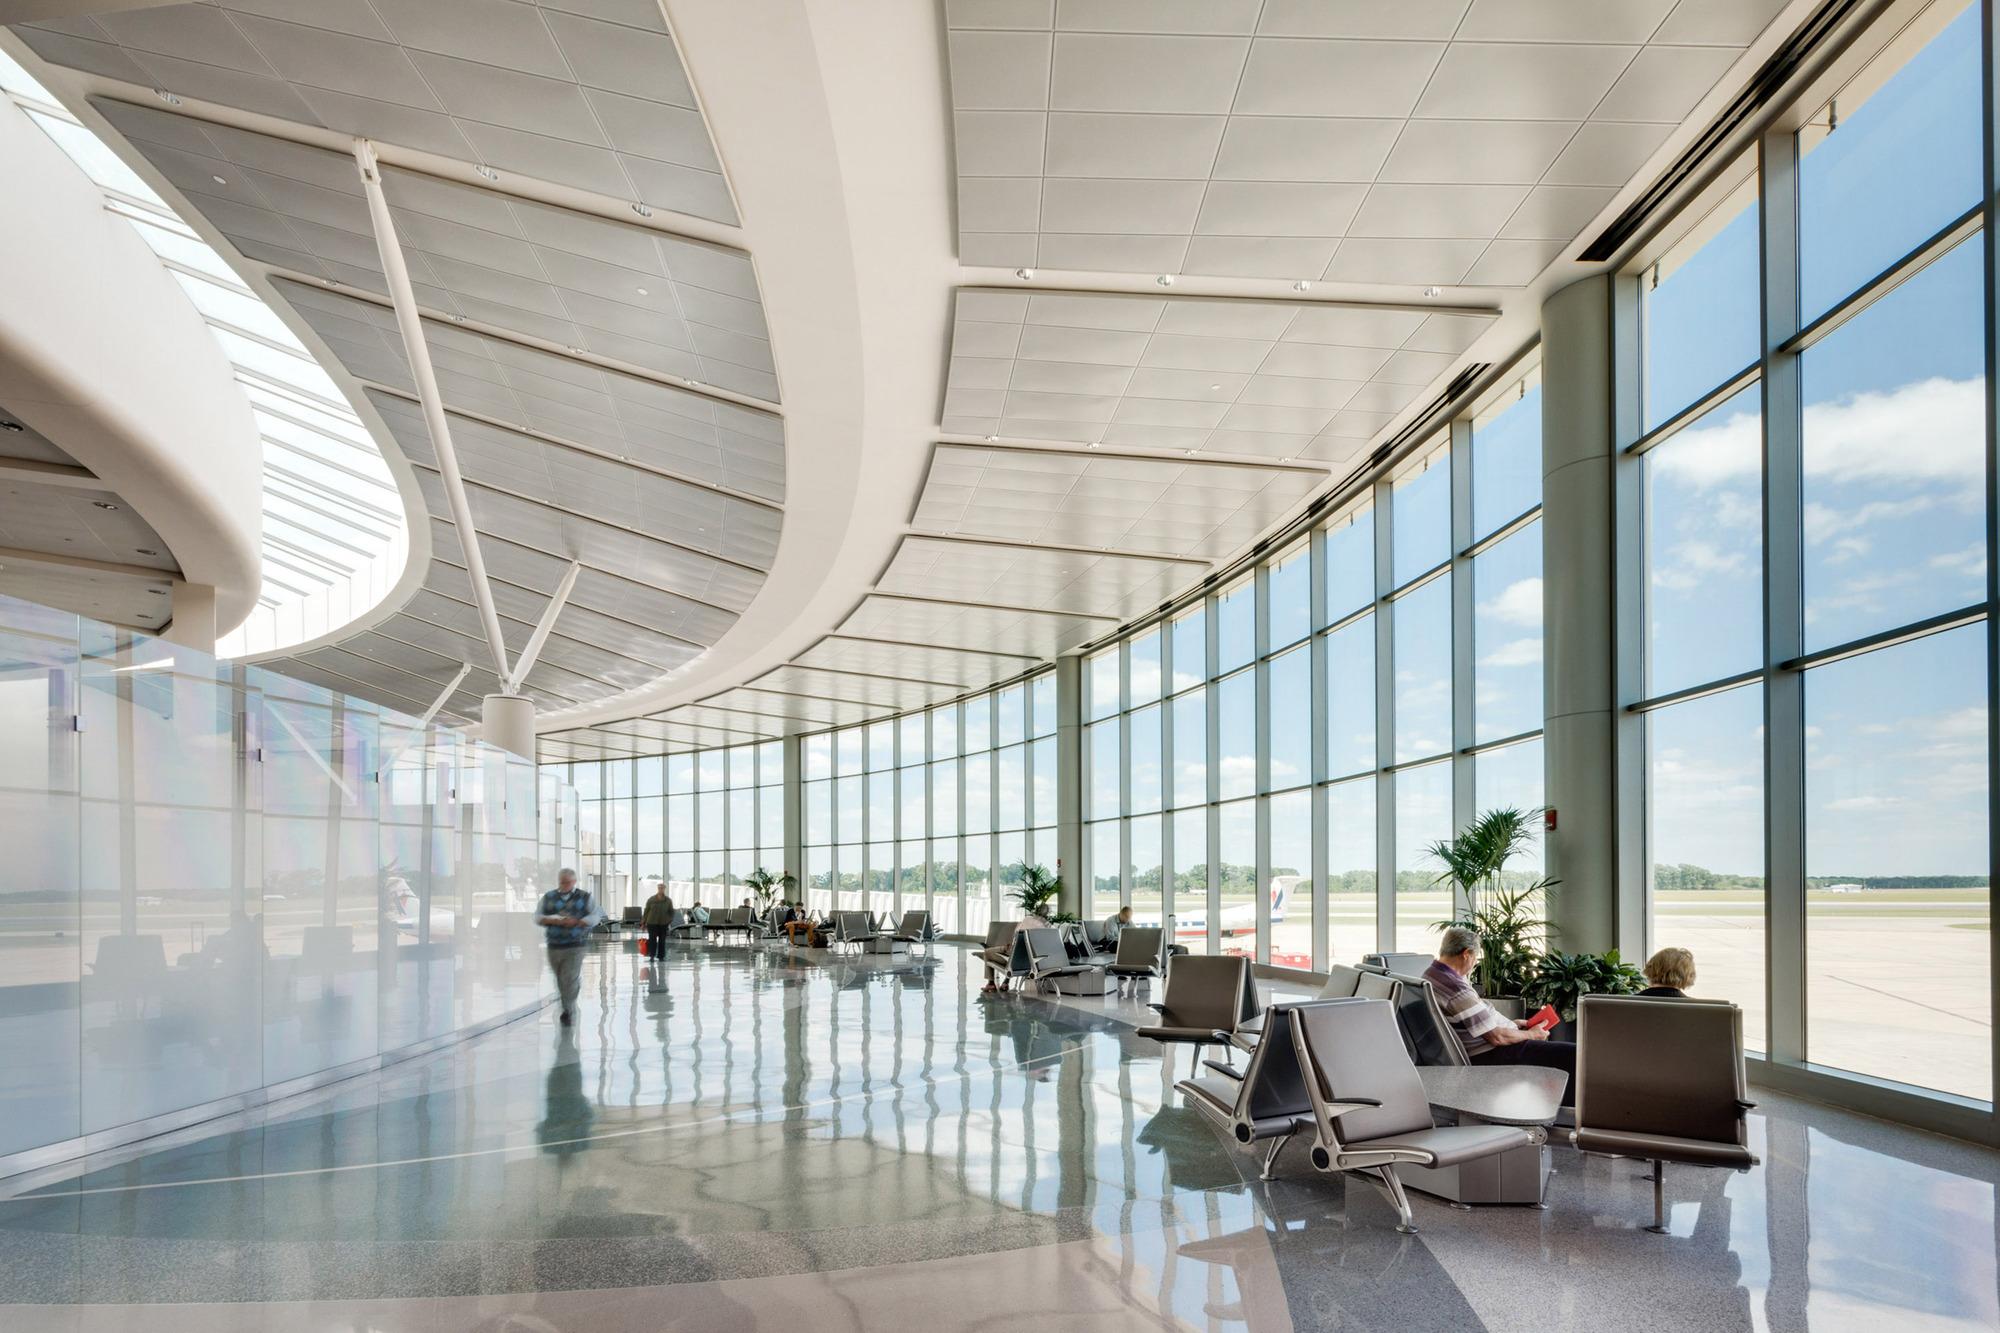 Baton rouge metropolitan airport extension whlc for Extension architecte